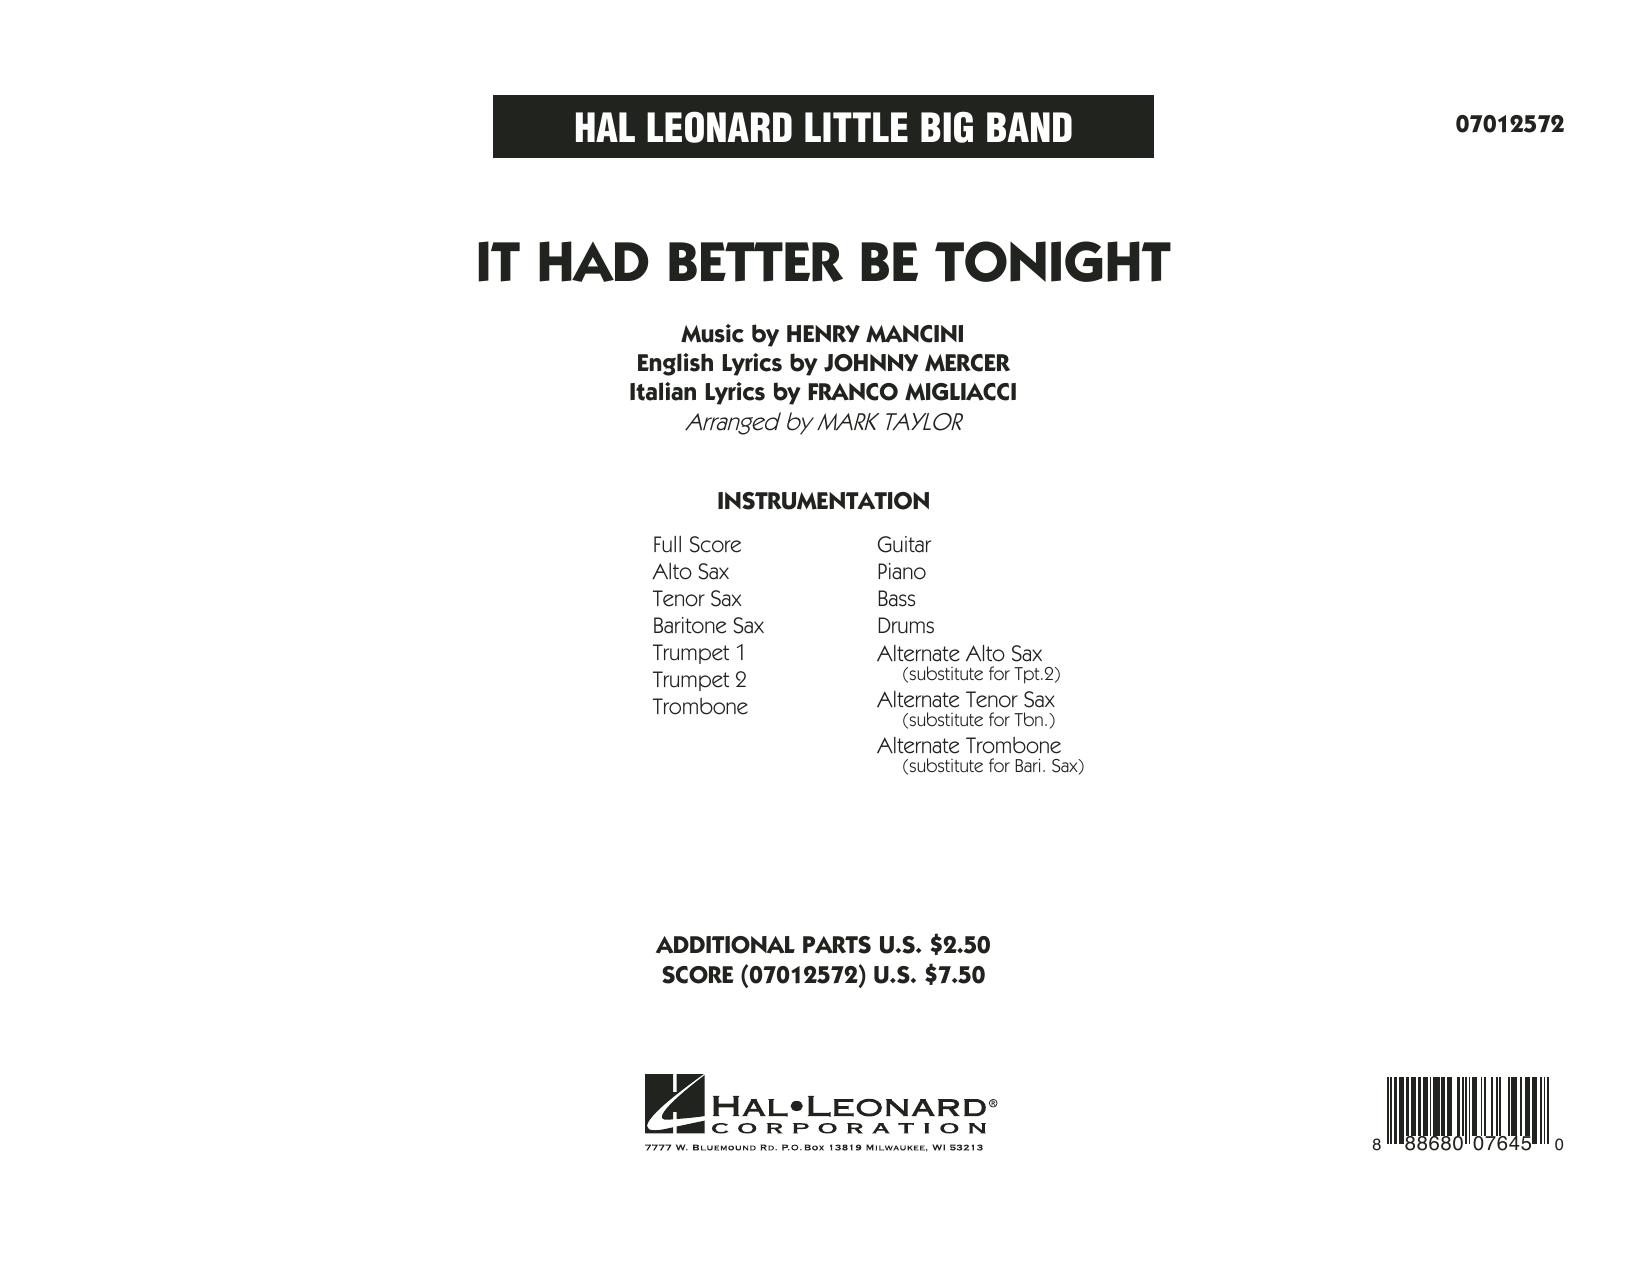 It Had Better Be Tonight - Full Score sheet music